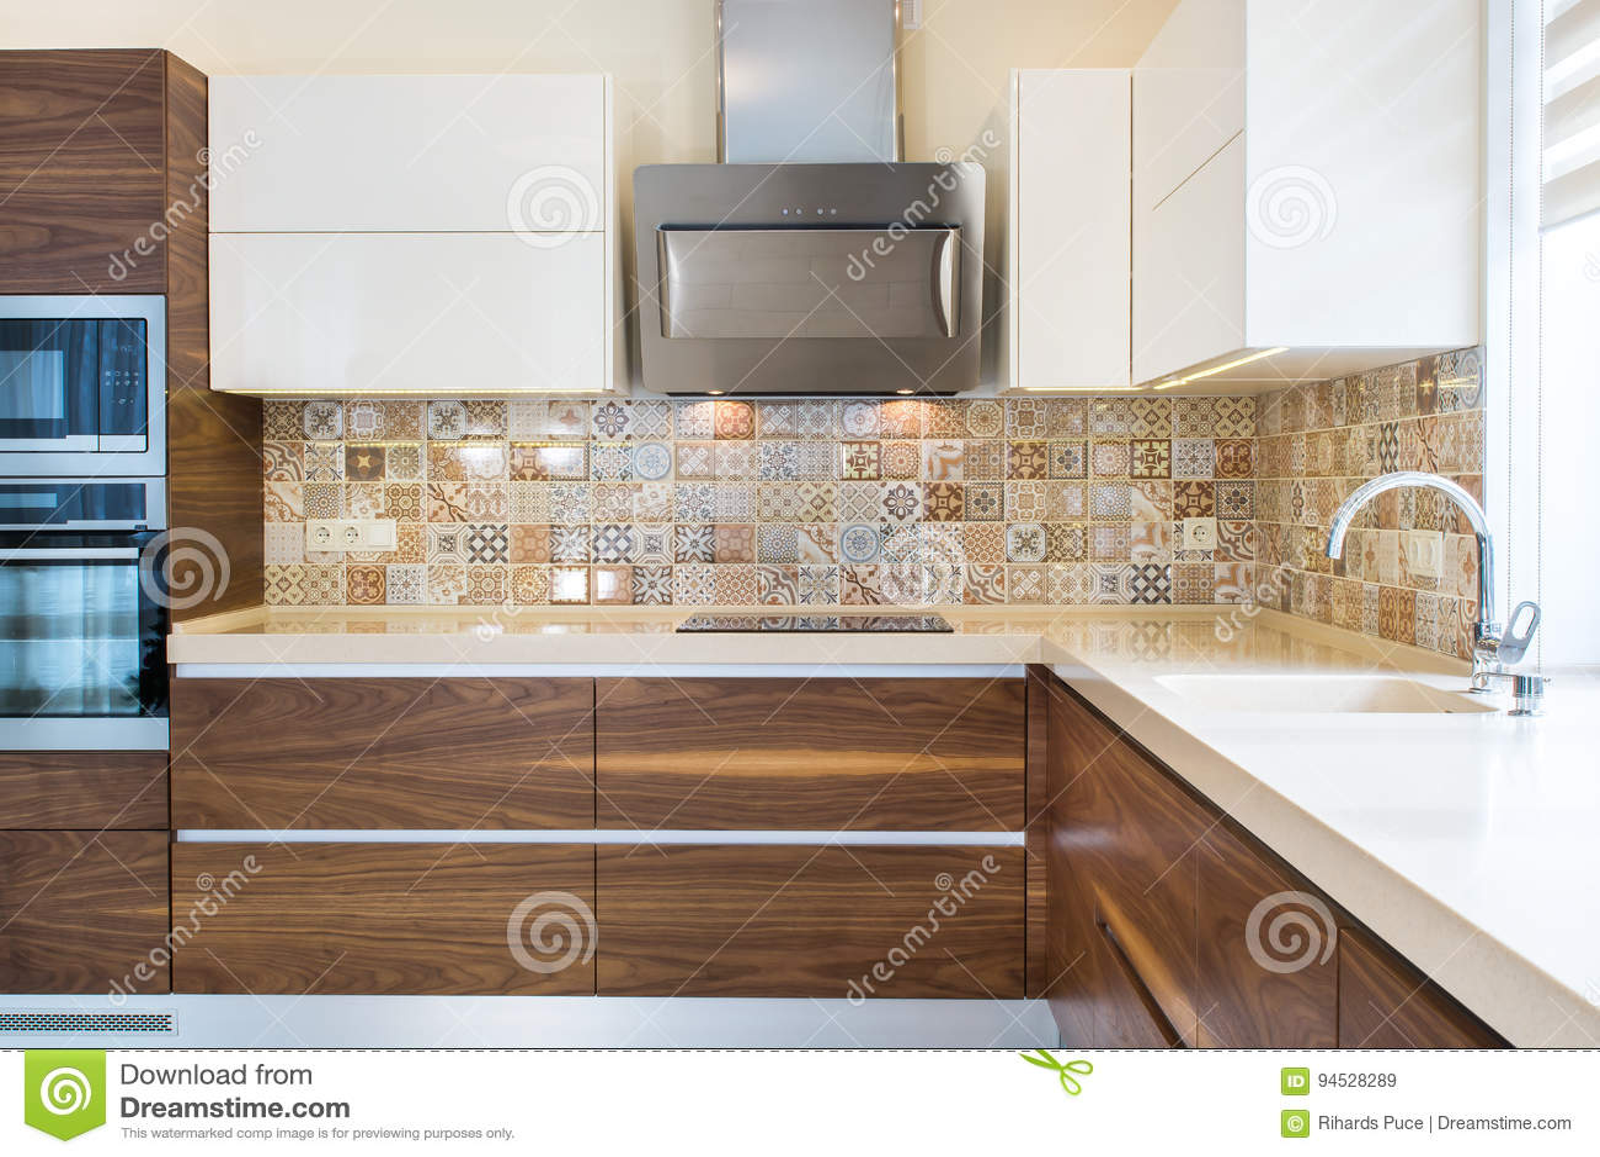 Modernes Design Der Küche In Einem Licht, Heller Innenraum Stockbild ...